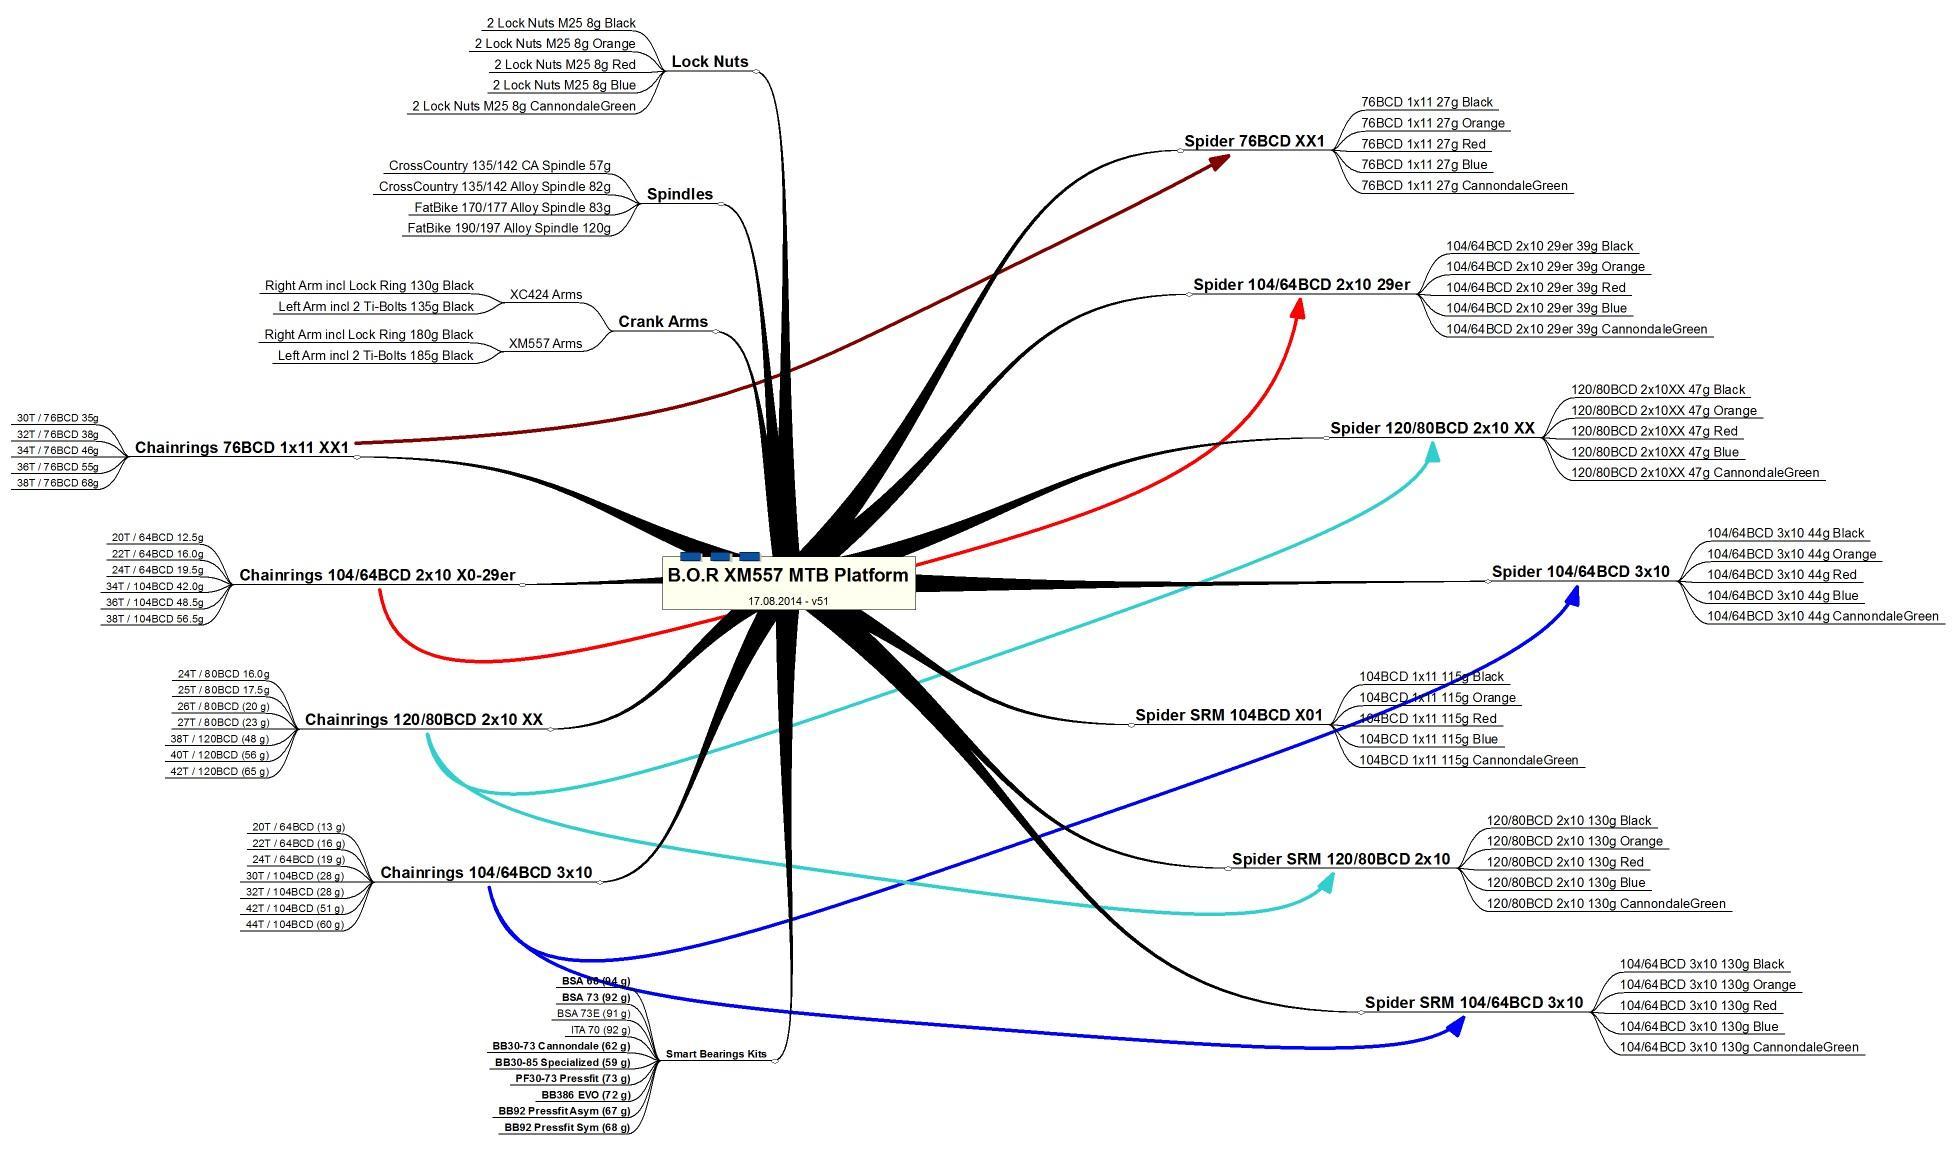 Die BOR XM 557 und die verschiedenen Spider, Achsen, Tretlagerstandards und Übersetzungen